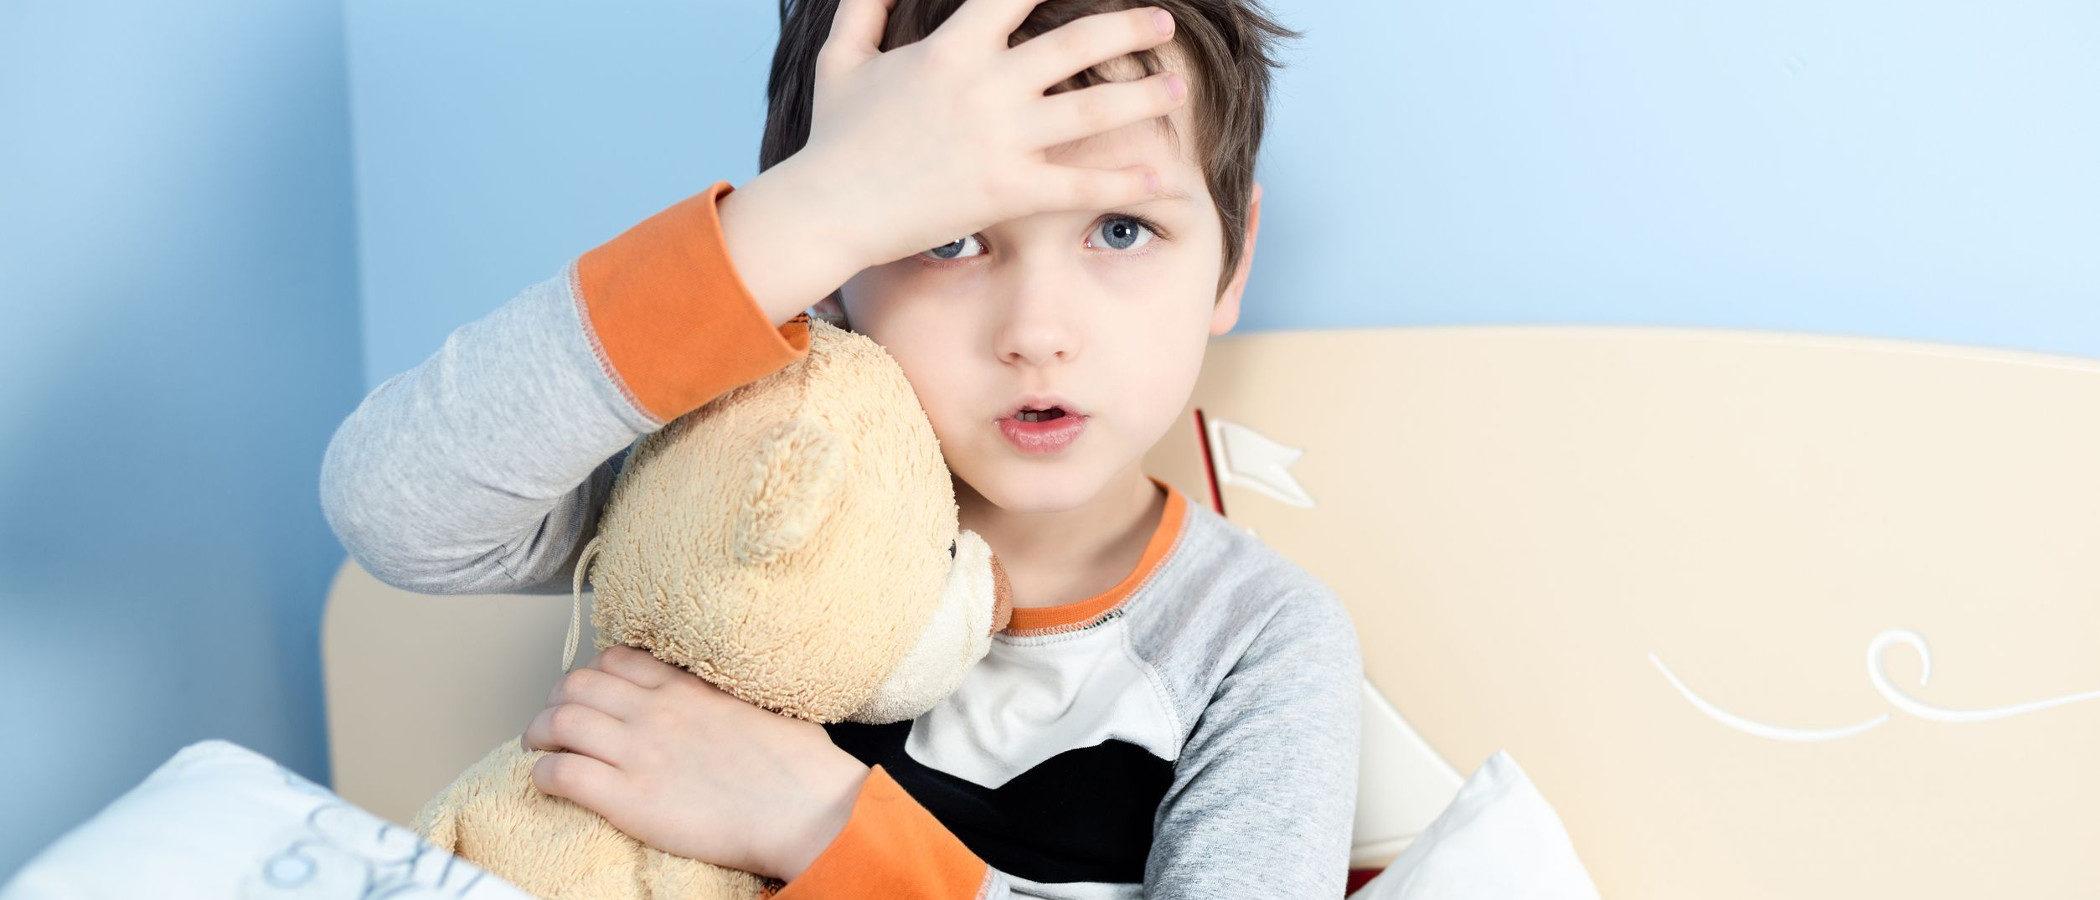 Cómo diferenciar un resfriado de una gripe en niños